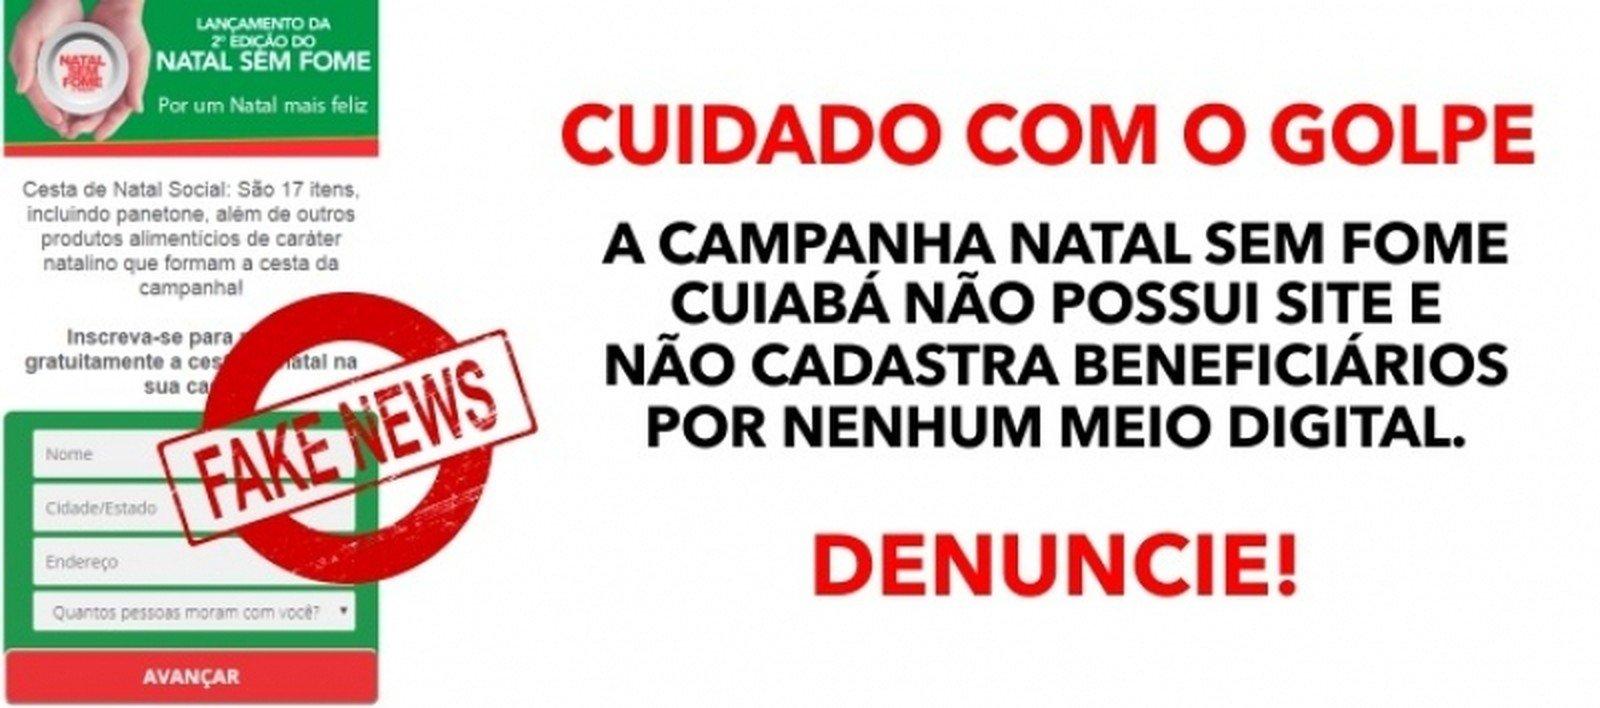 Assistência Social alerta para página com formulário falso que pede dados pessoais para receber cesta de Natal em Cuiabá